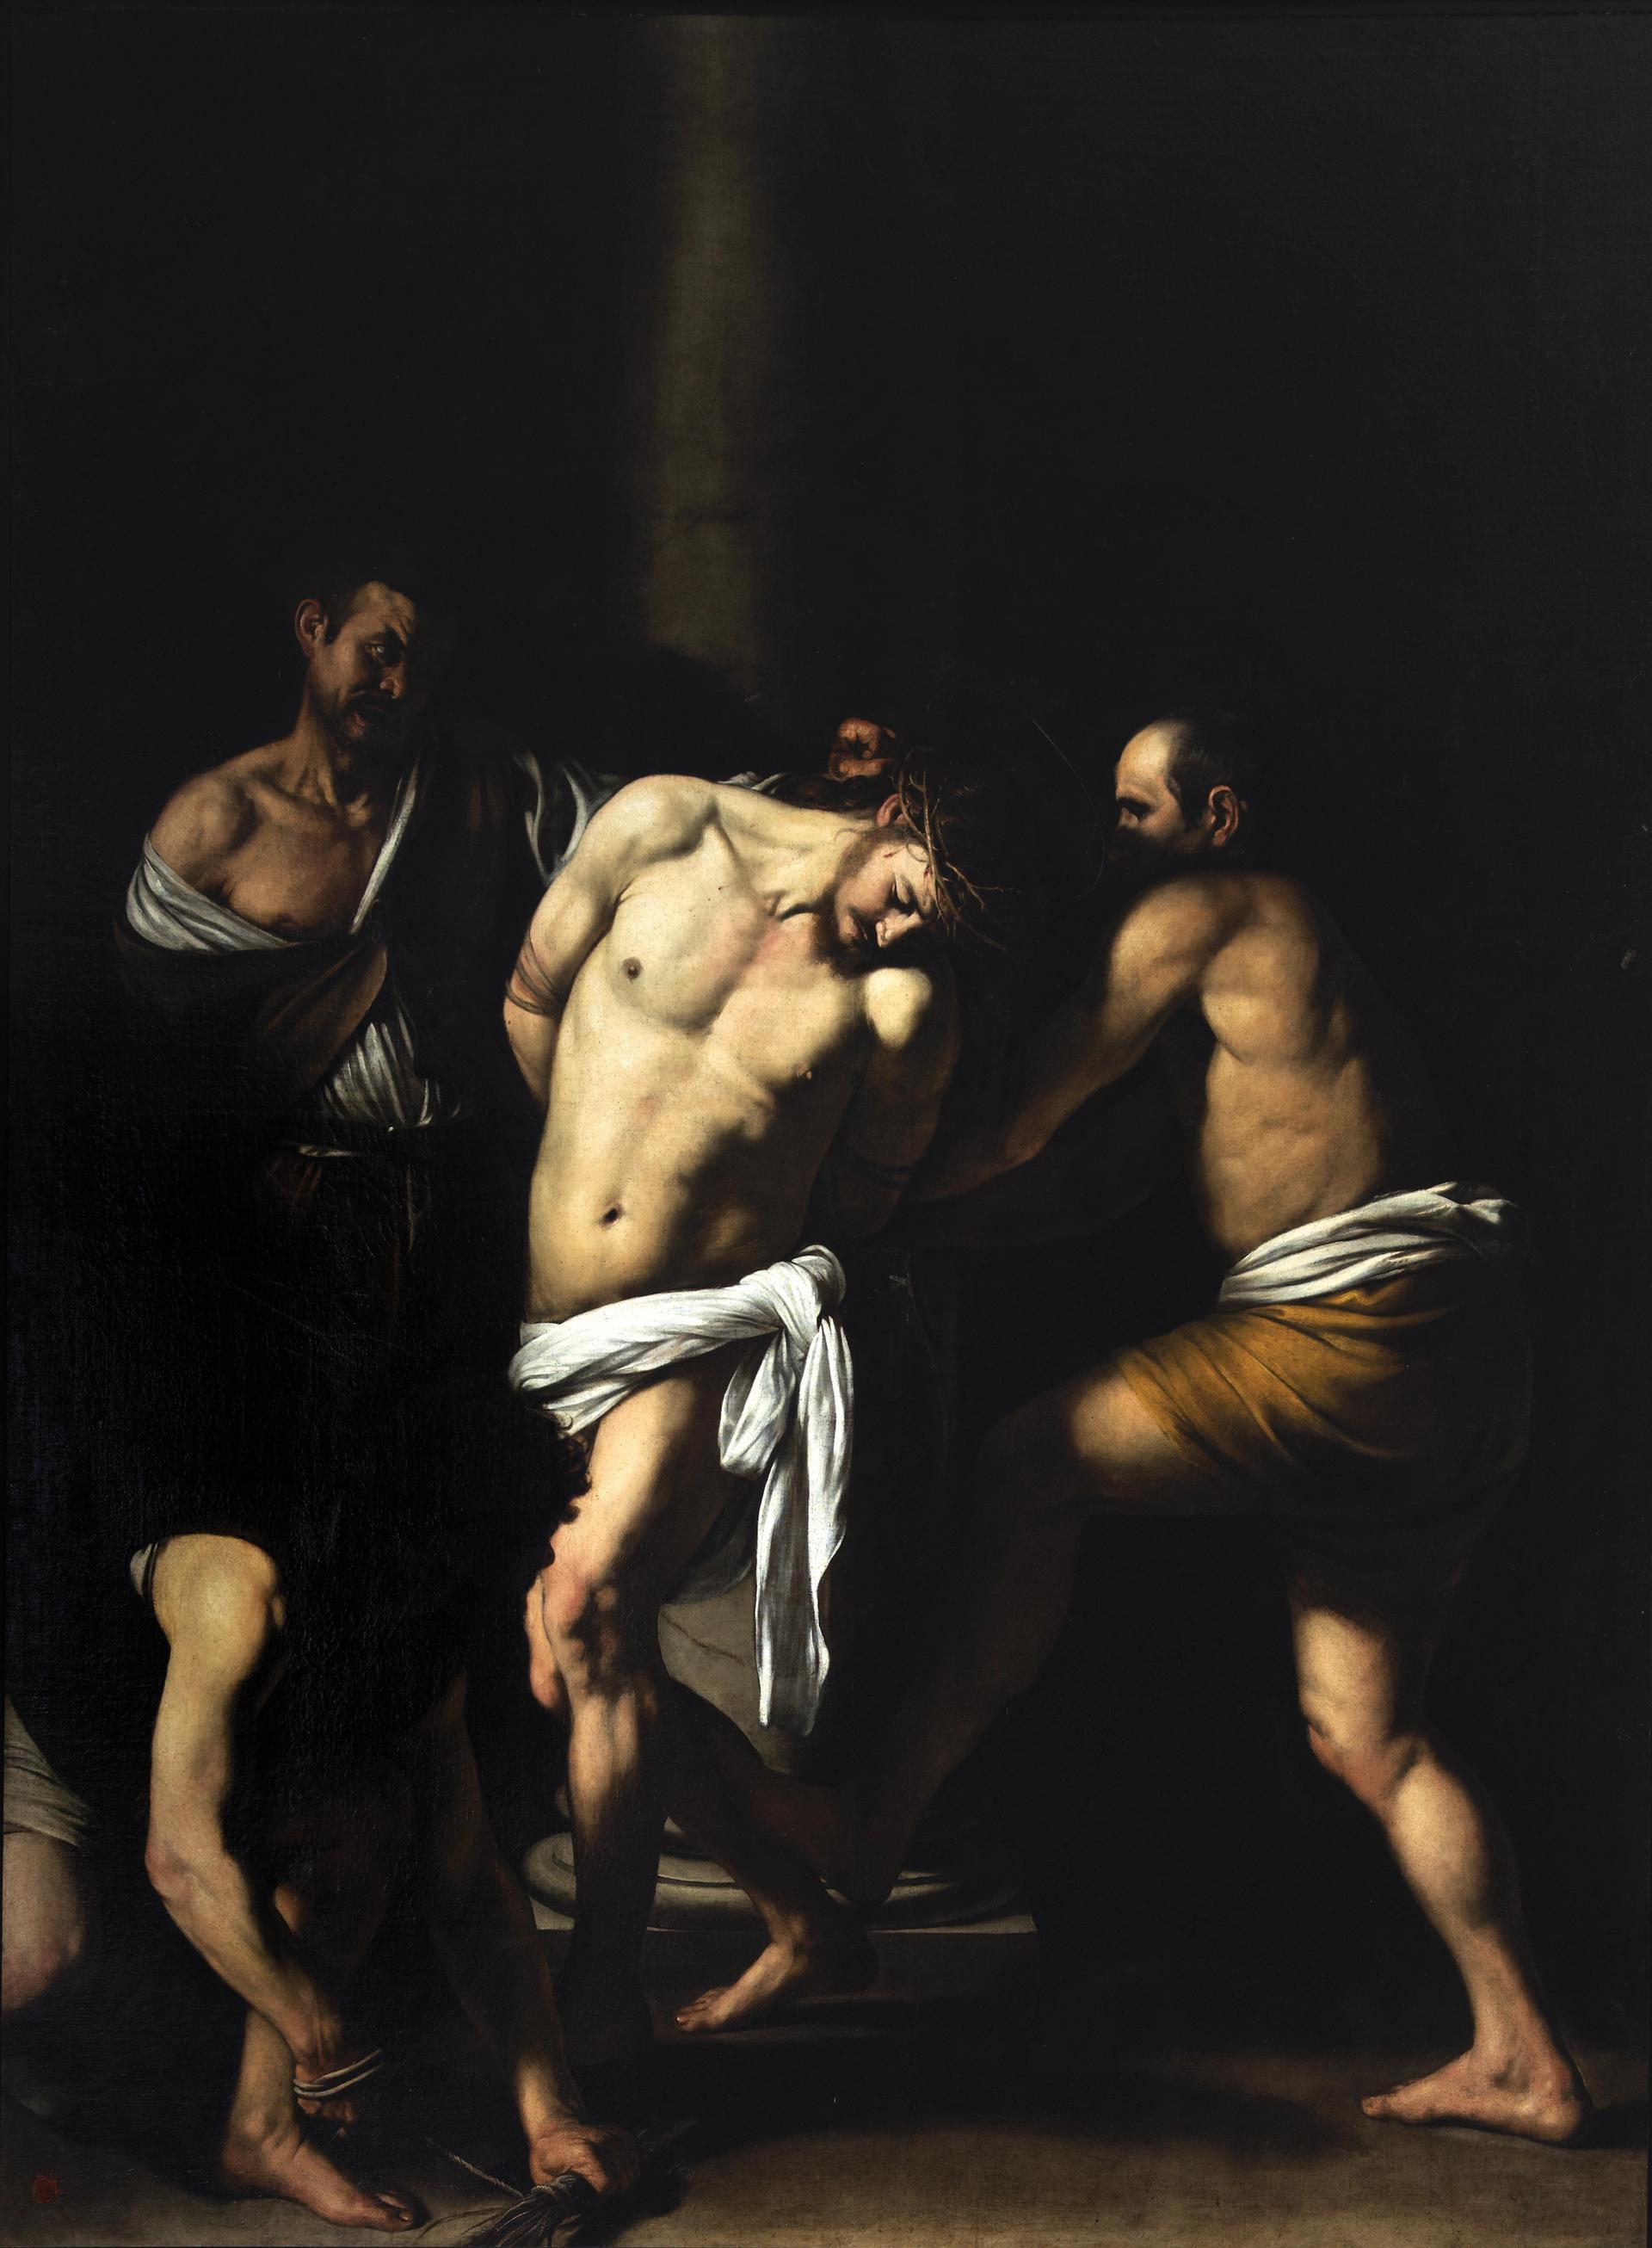 The Capodimonte version of Caravaggio's Flagellation of Christ (1607) was originally created for the church of San Domenico Maggiore Courtesy of Capodimonte